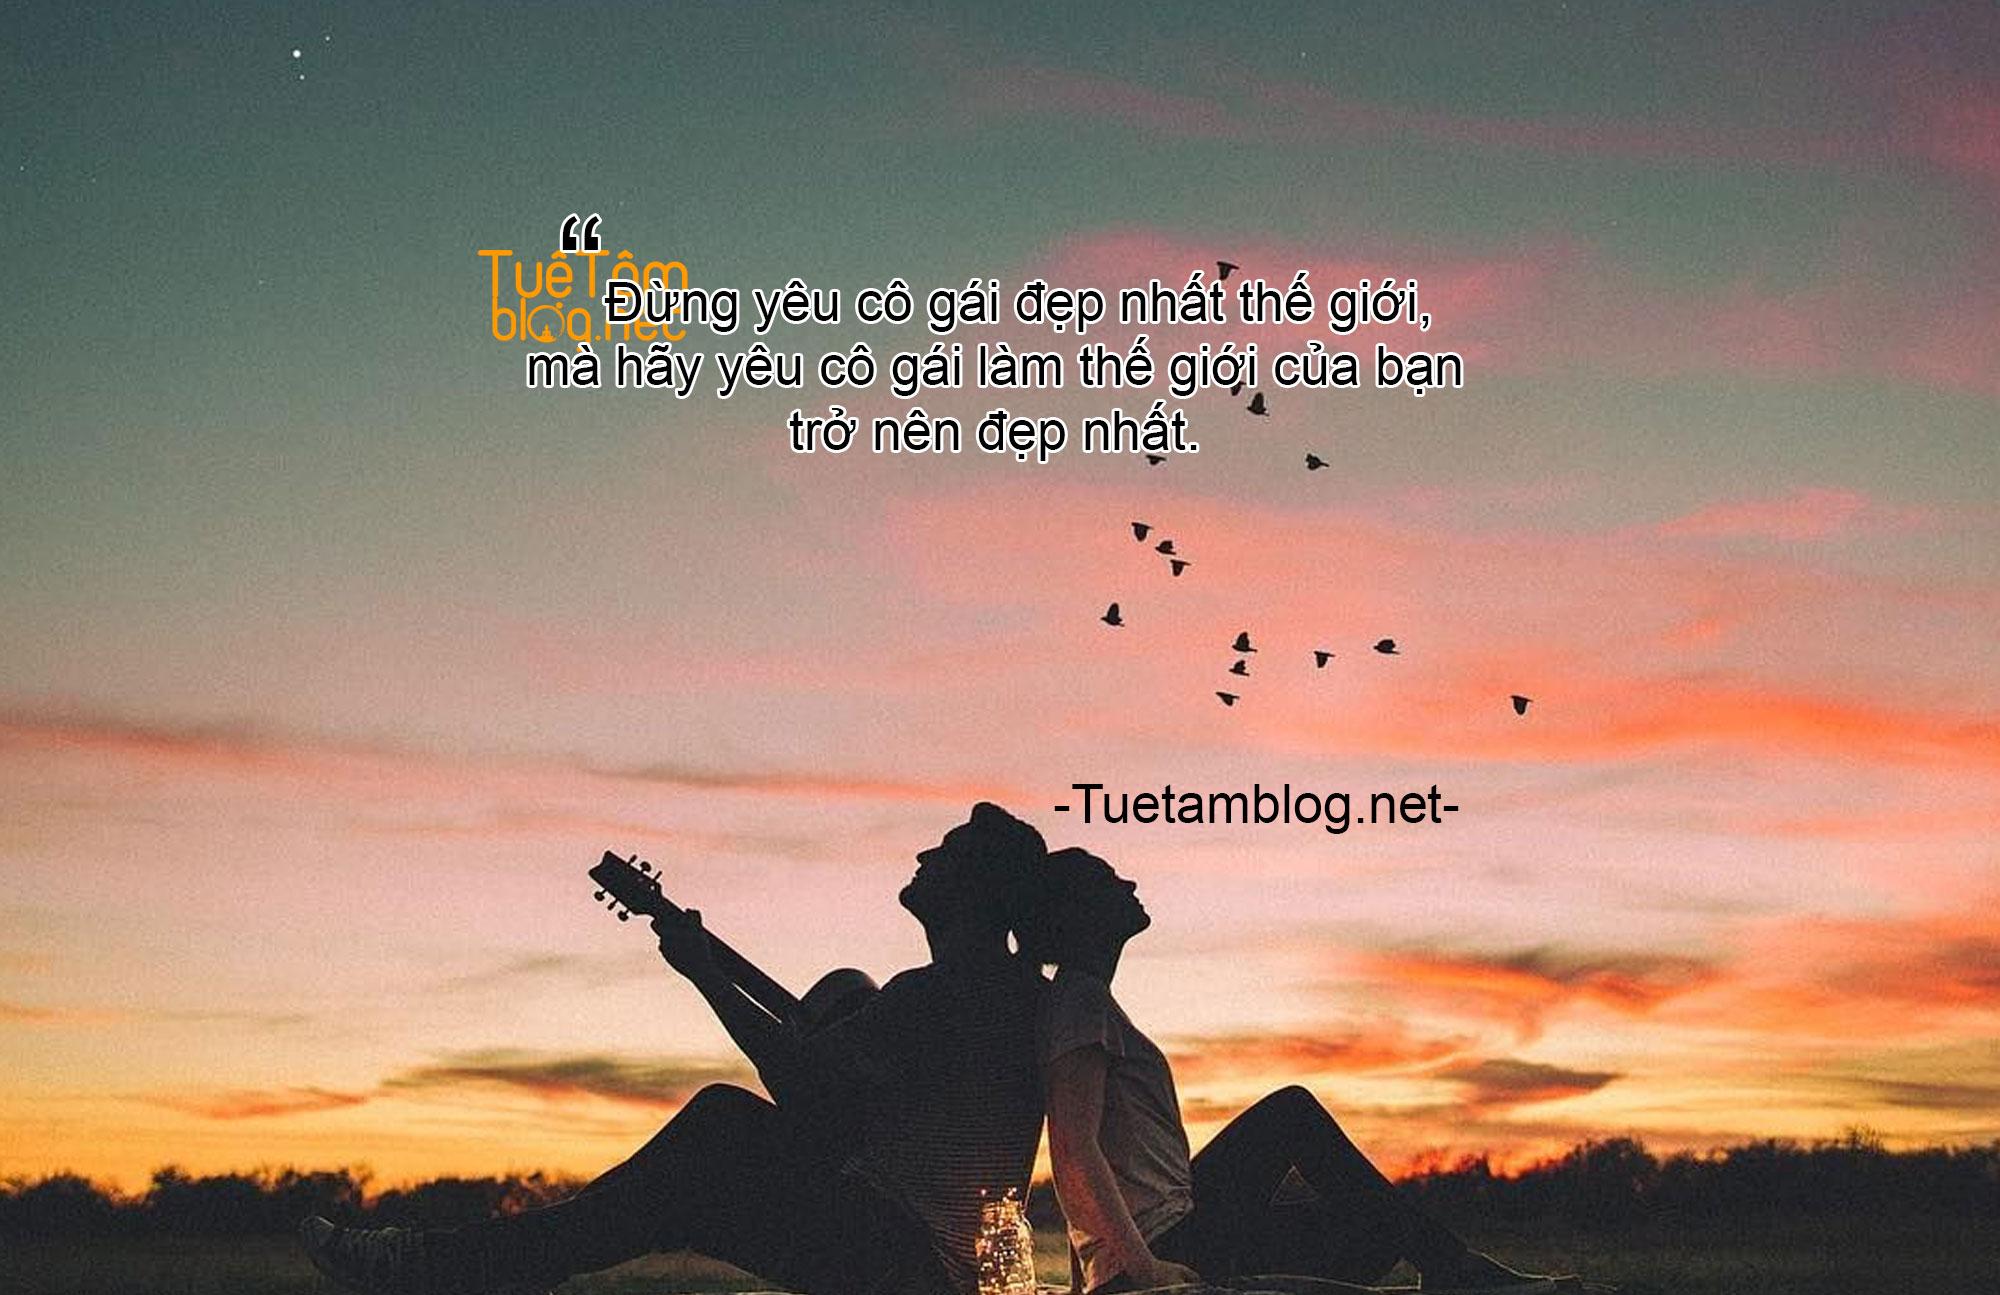 Những câu nói ngắn về tình yêu cùng đọc nhé!